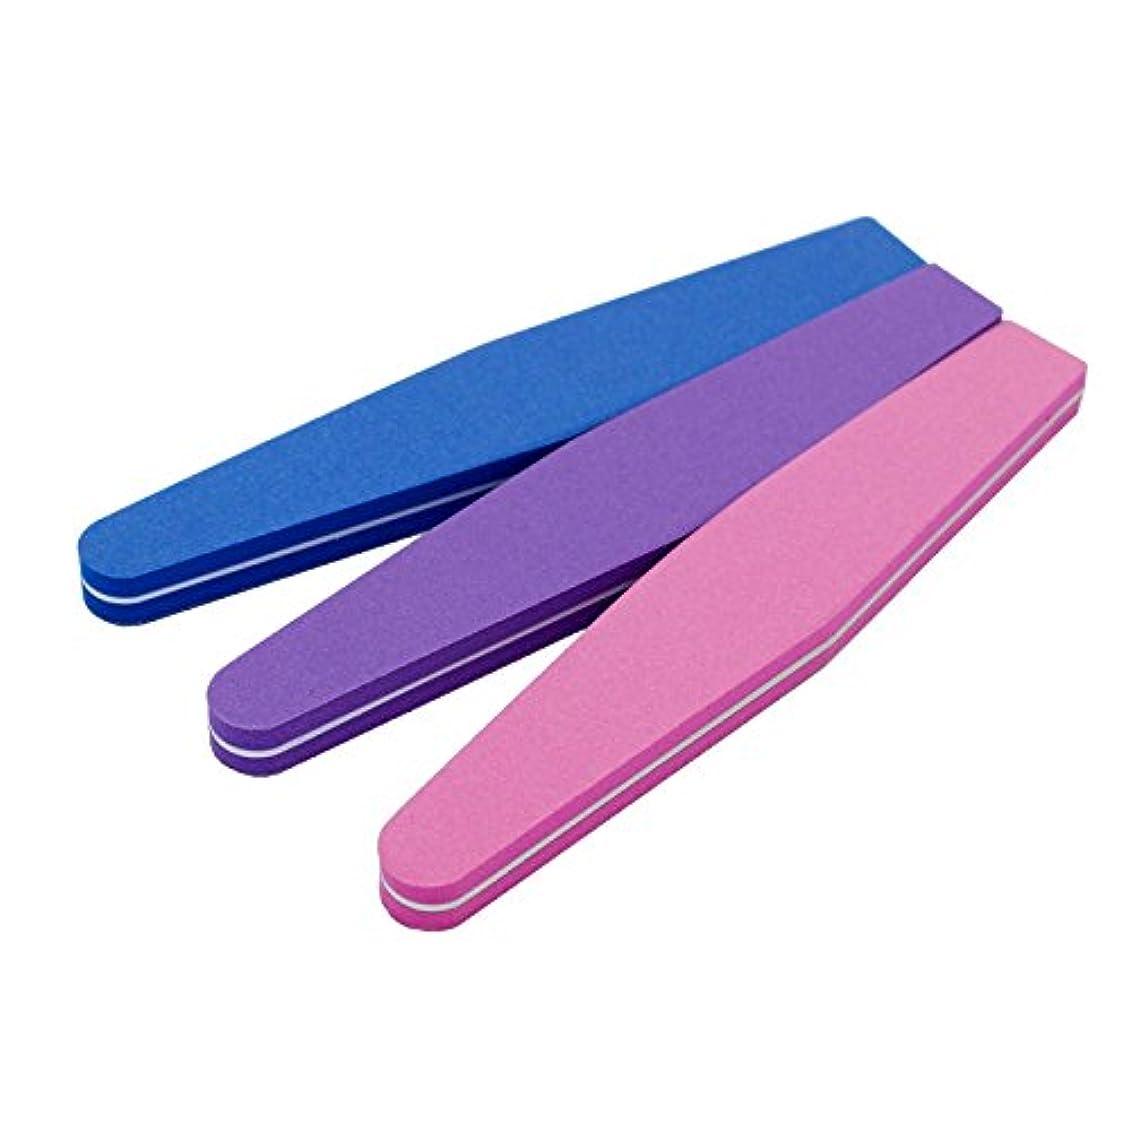 アイデア市の花腹JomMart スポンジ ネイルファイル 爪用ヤスリ 3色セット(ピンク パープル ブルー) BY0040